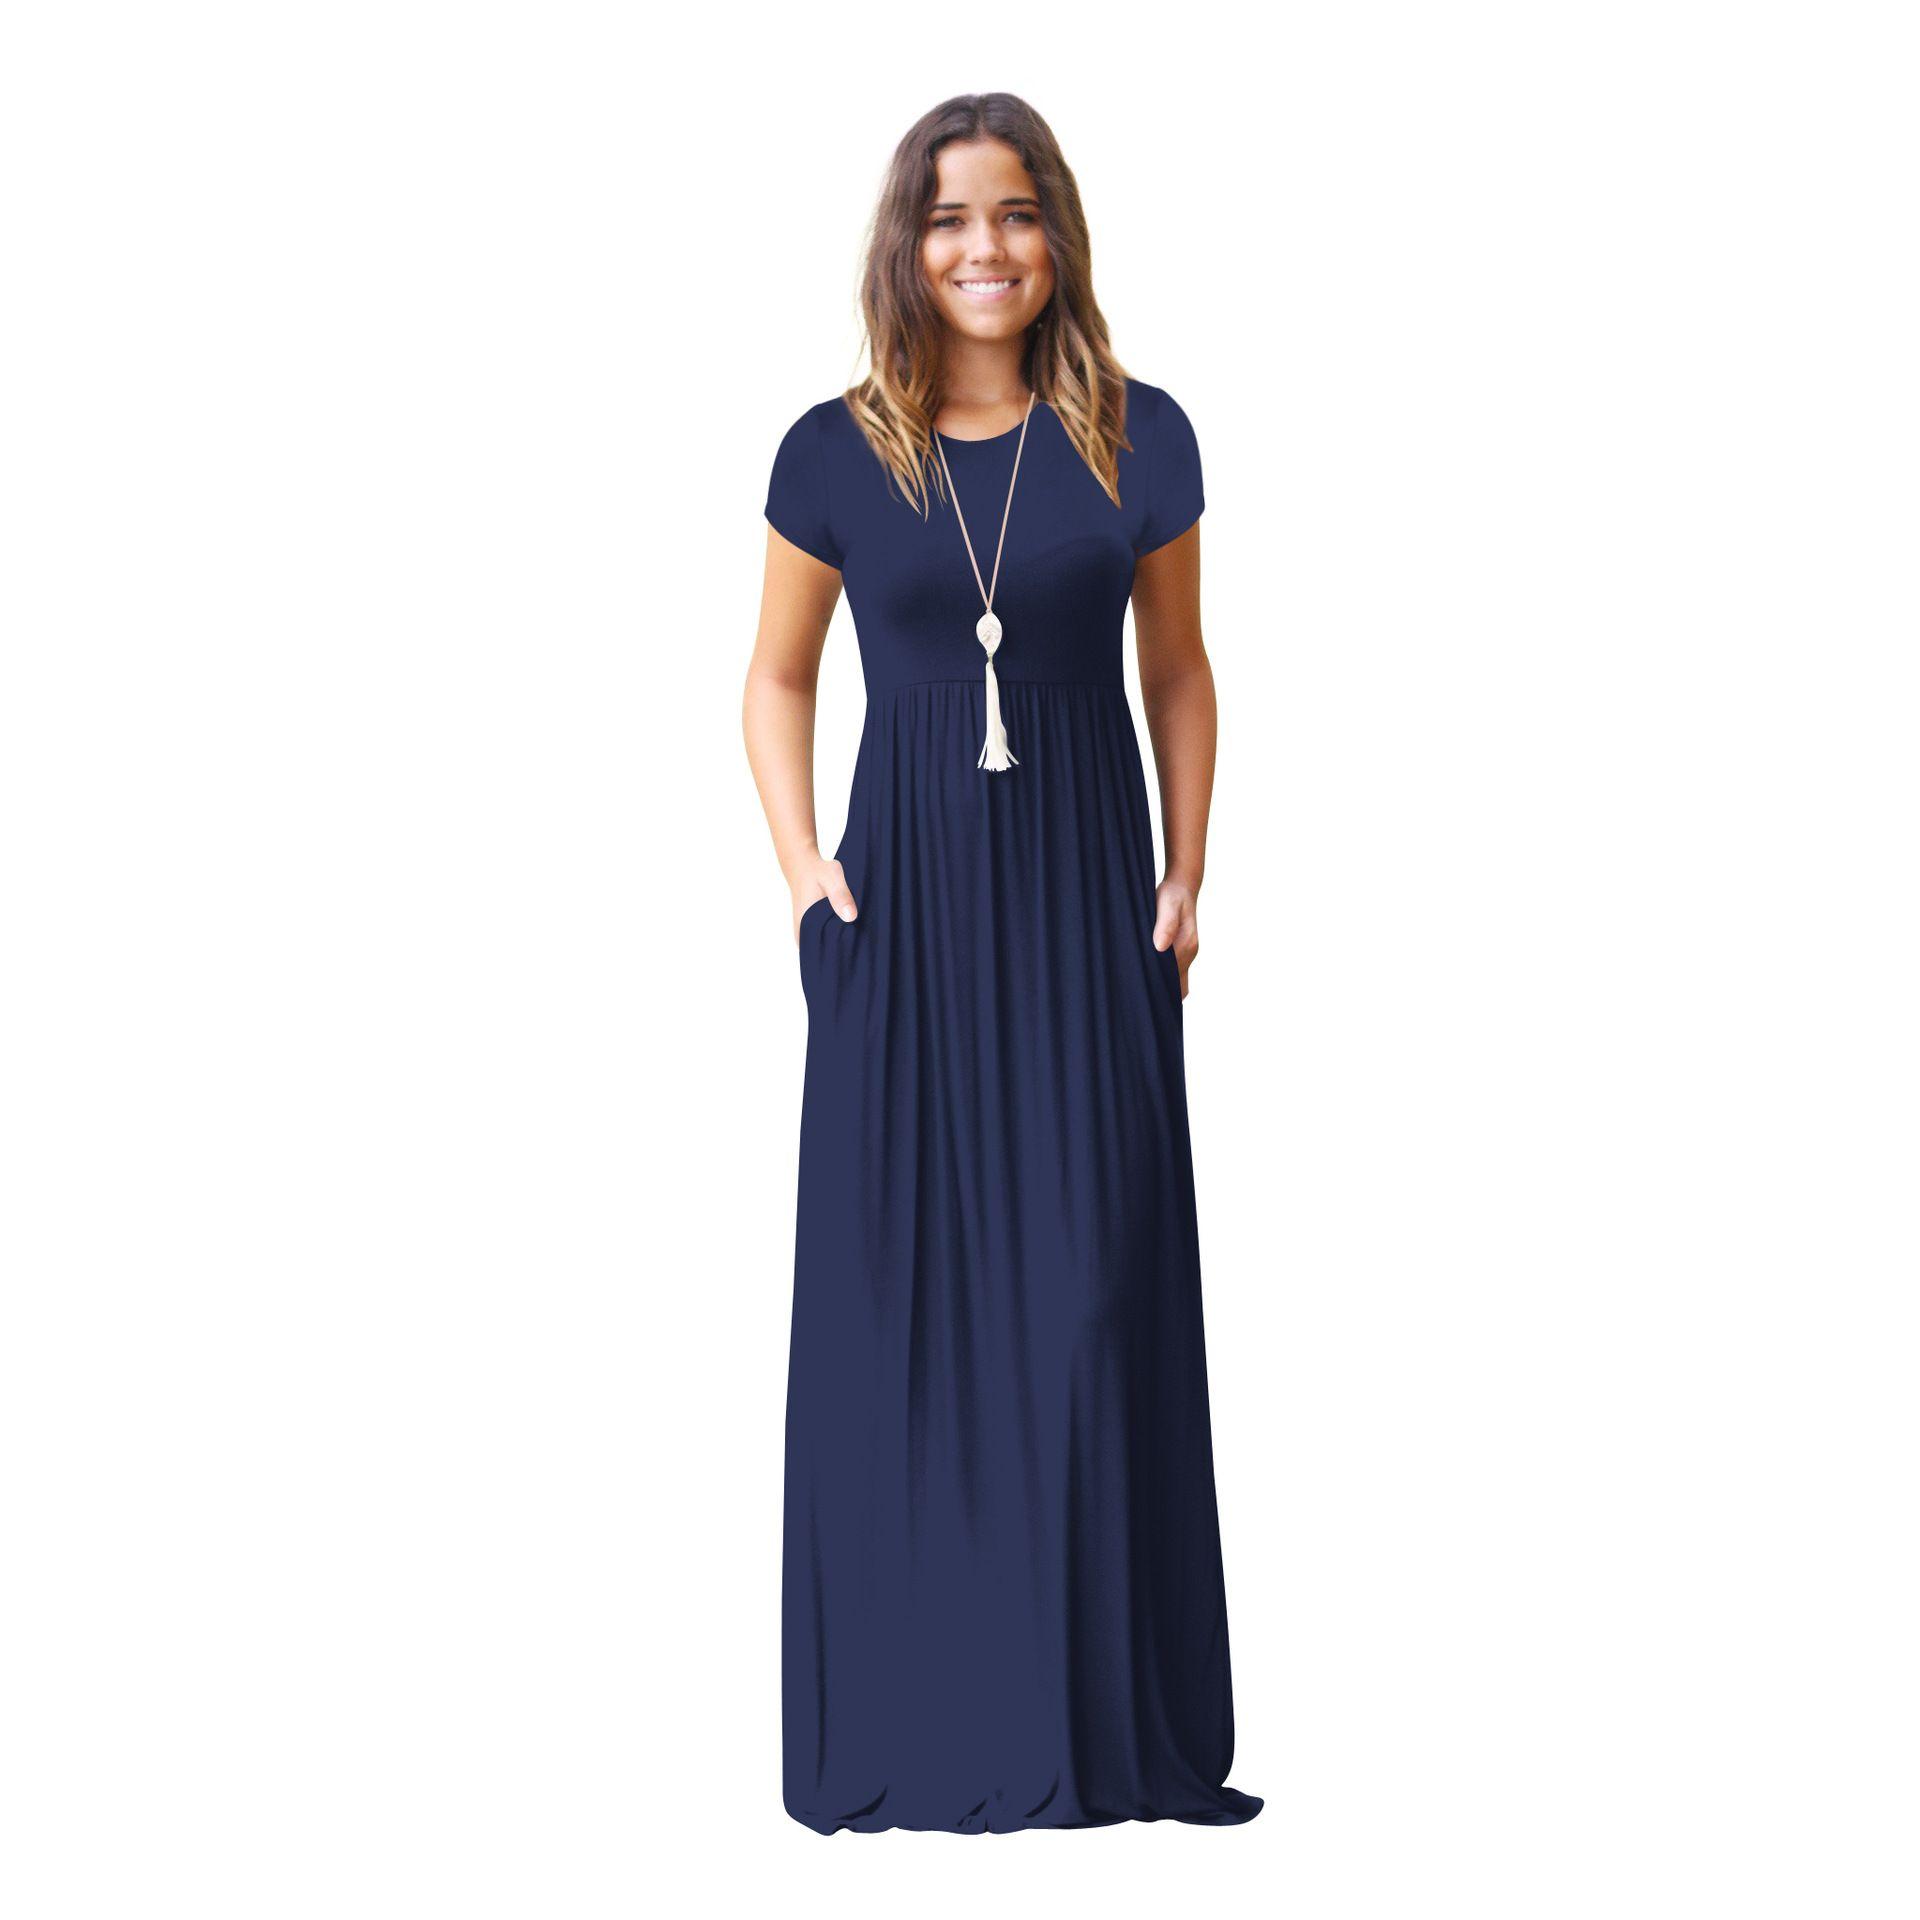 Yaz Uzun Maxi Elbise 2018 Yeni Kısa Kollu Katı Casual Kadınlar Cepler Elbiseler Artı Boyutu 2XL Robe Yaz Elbiseler Robe